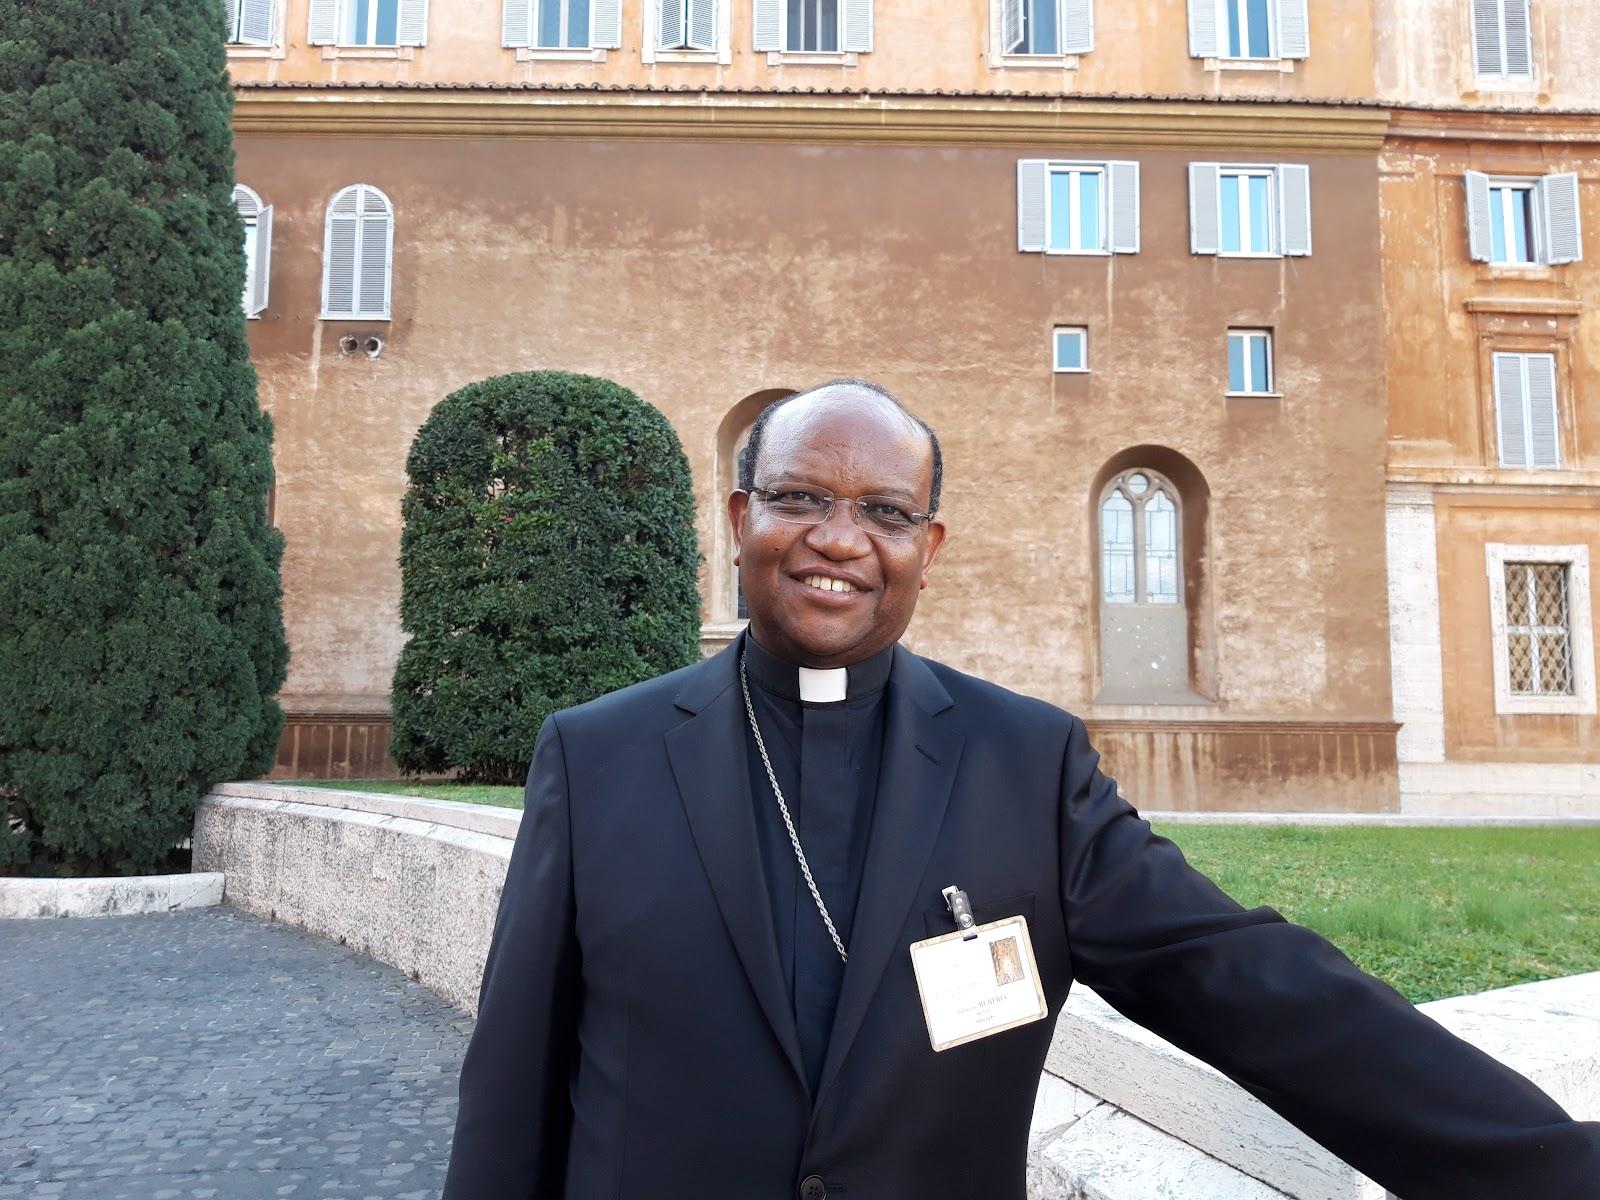 CHUYÊN MỤC: Một bạn trẻ đã suýt tự tử, nhưng được trợ giúp và đồng hành: bây giờ anh ấy sắp trở thành một linh mục